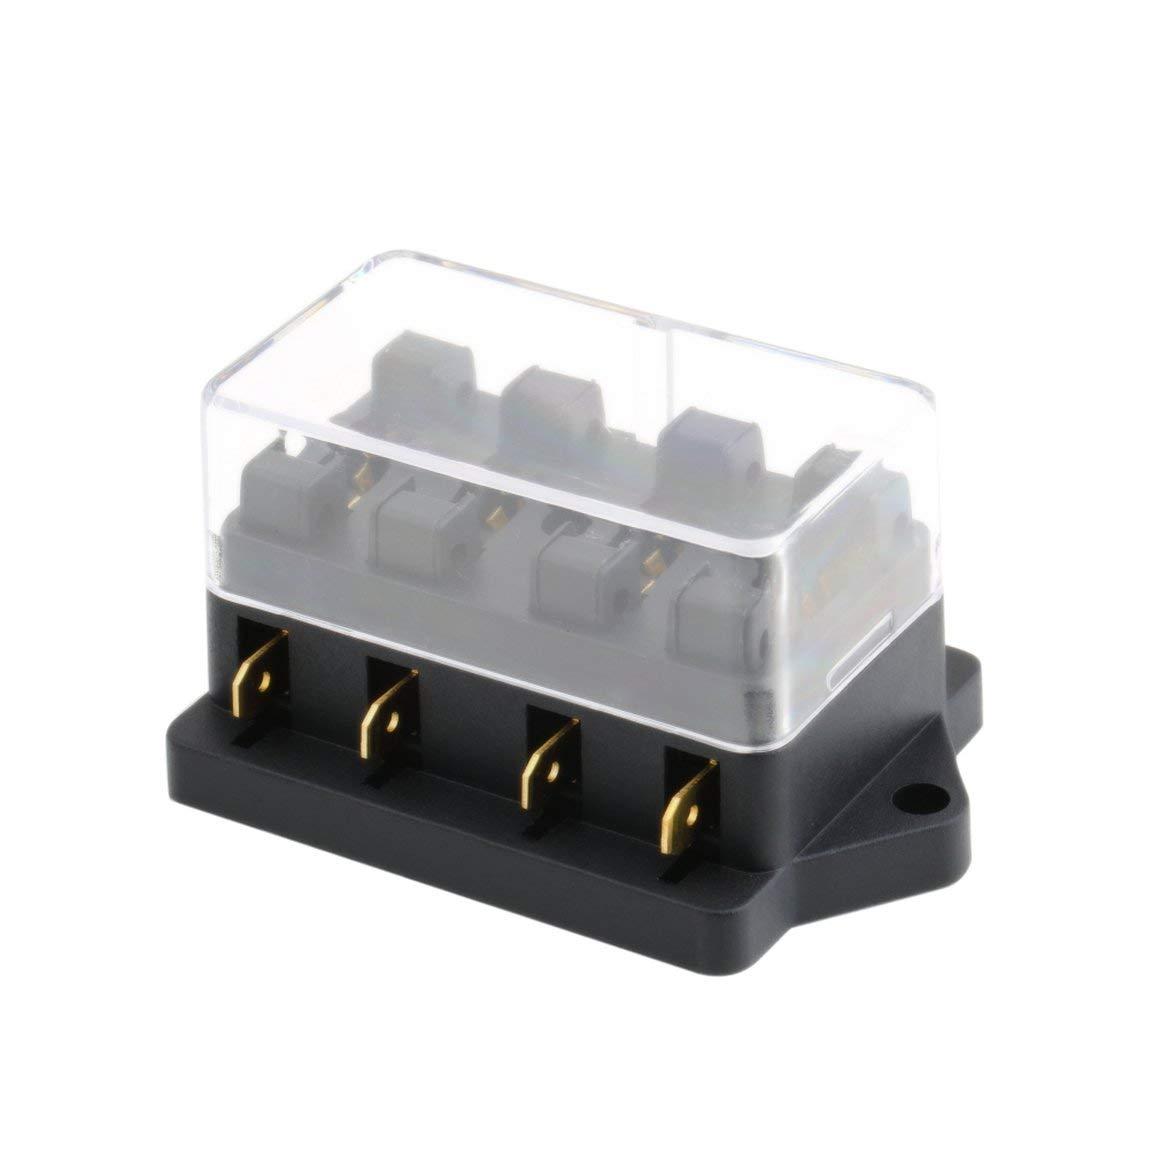 Funnyrunstore Caja de fusibles de 4 ví as CC 12 V 24 V Circuito DC de 32 V Má x. Circuito Coche Remolque Automá tico de cuchillas Portafusibles Bloque de la caja ATC ATO 2 entradas 4 salidas Salida de cable